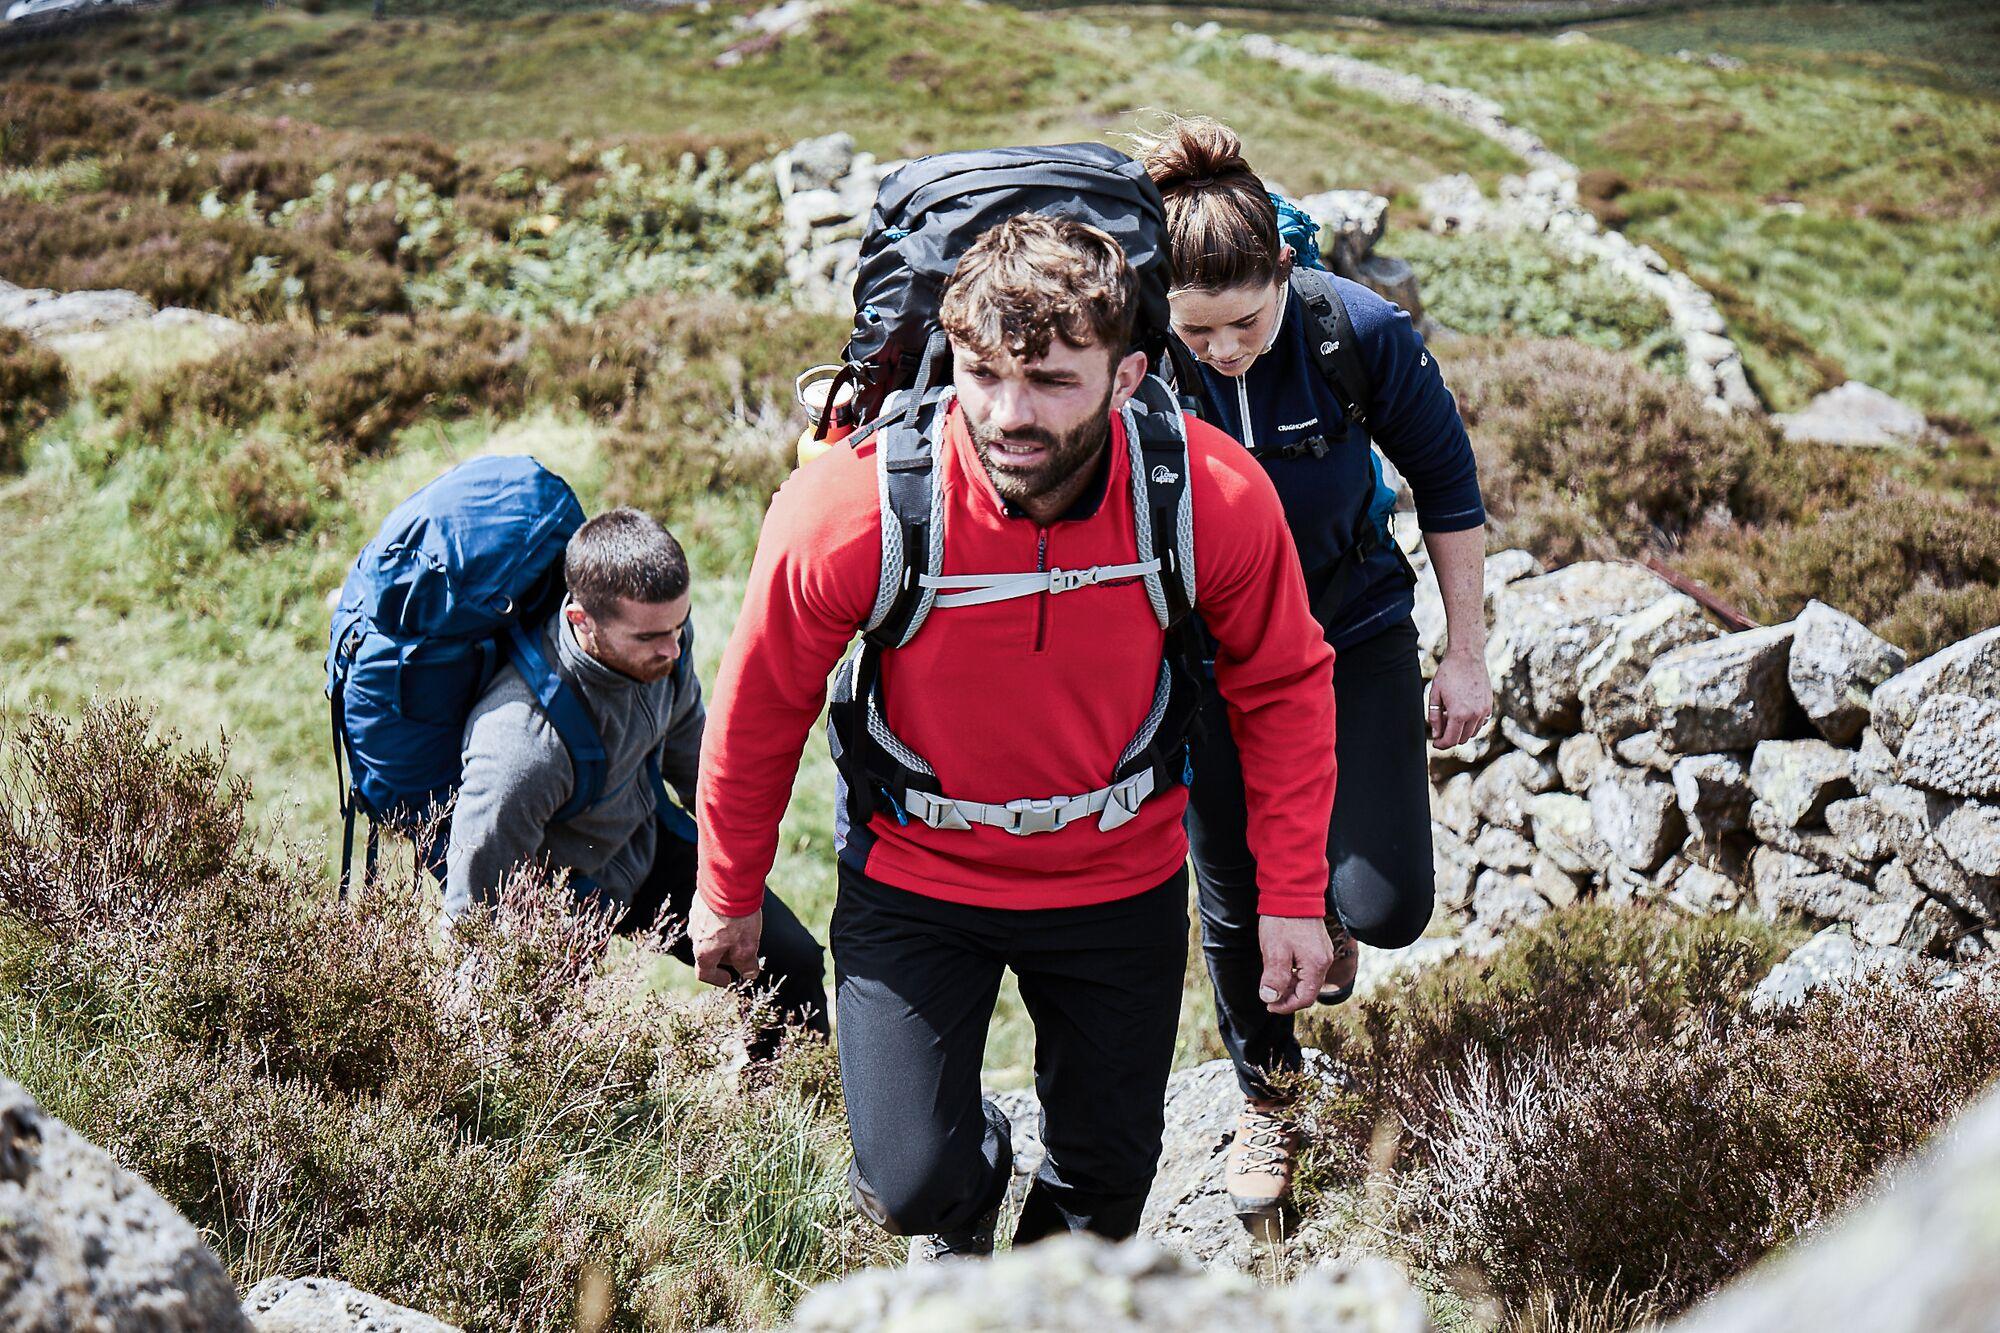 Health benefits of outdoor activities